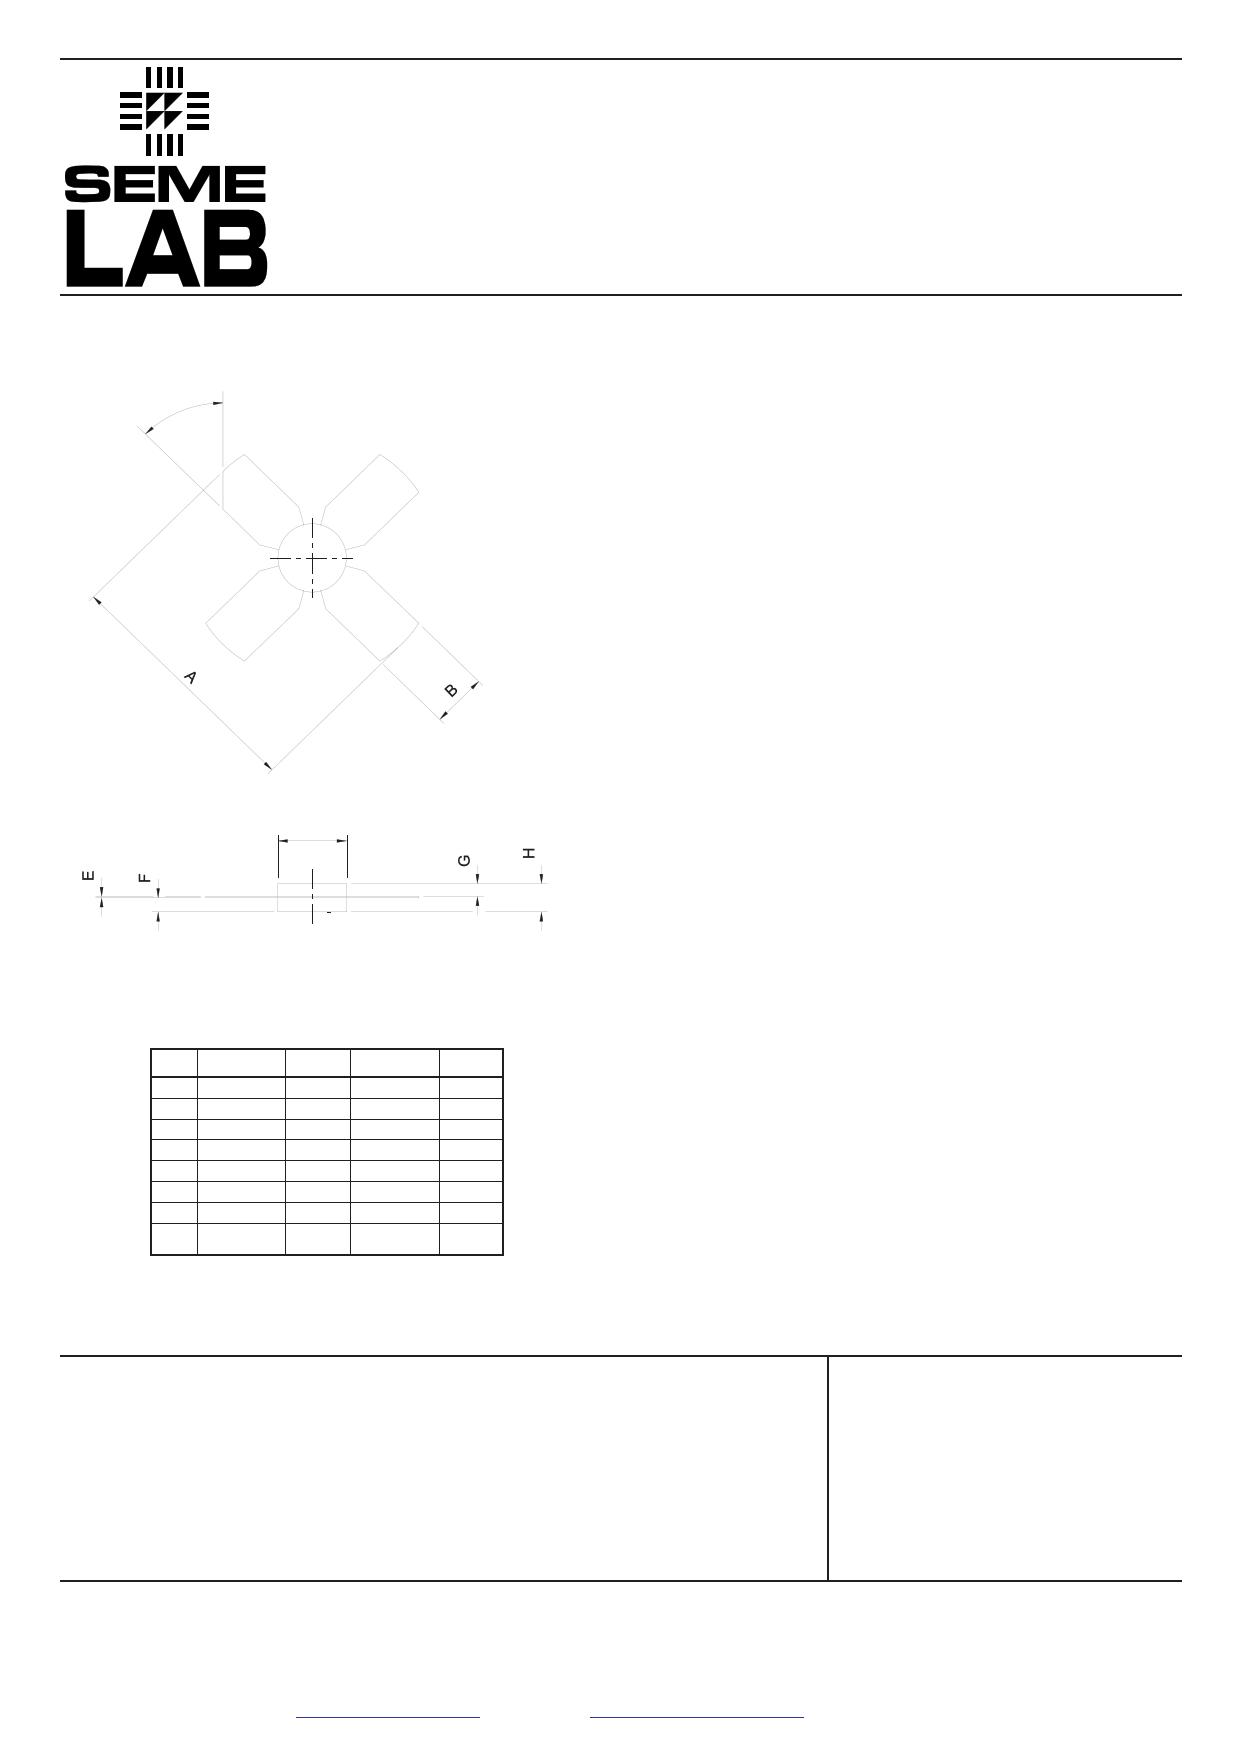 D1019 datasheet